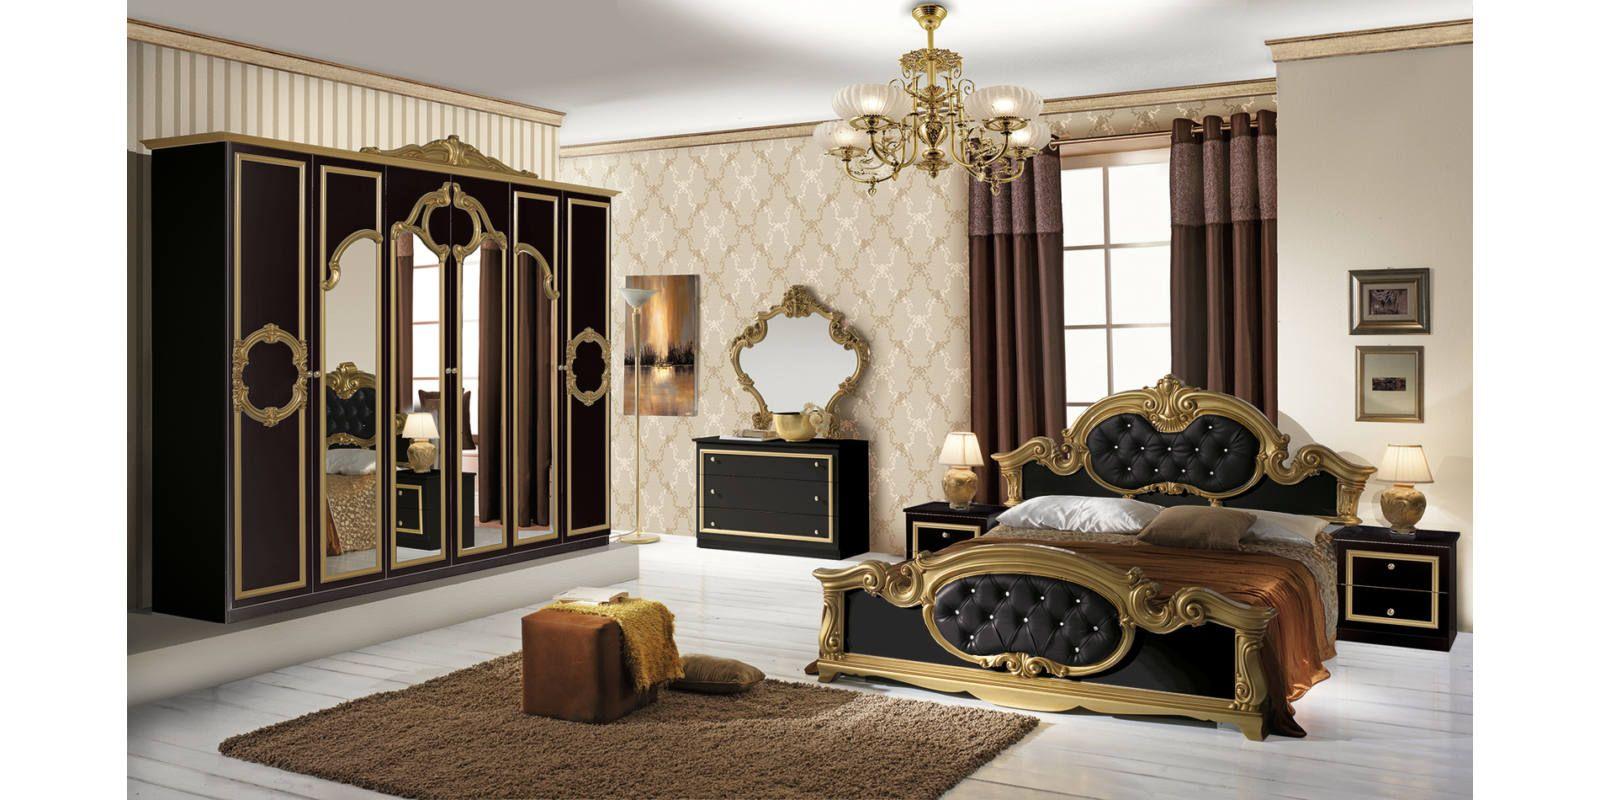 Barocco klasszikus olasz hálószoba garnitúra, fekete-arany színben ...